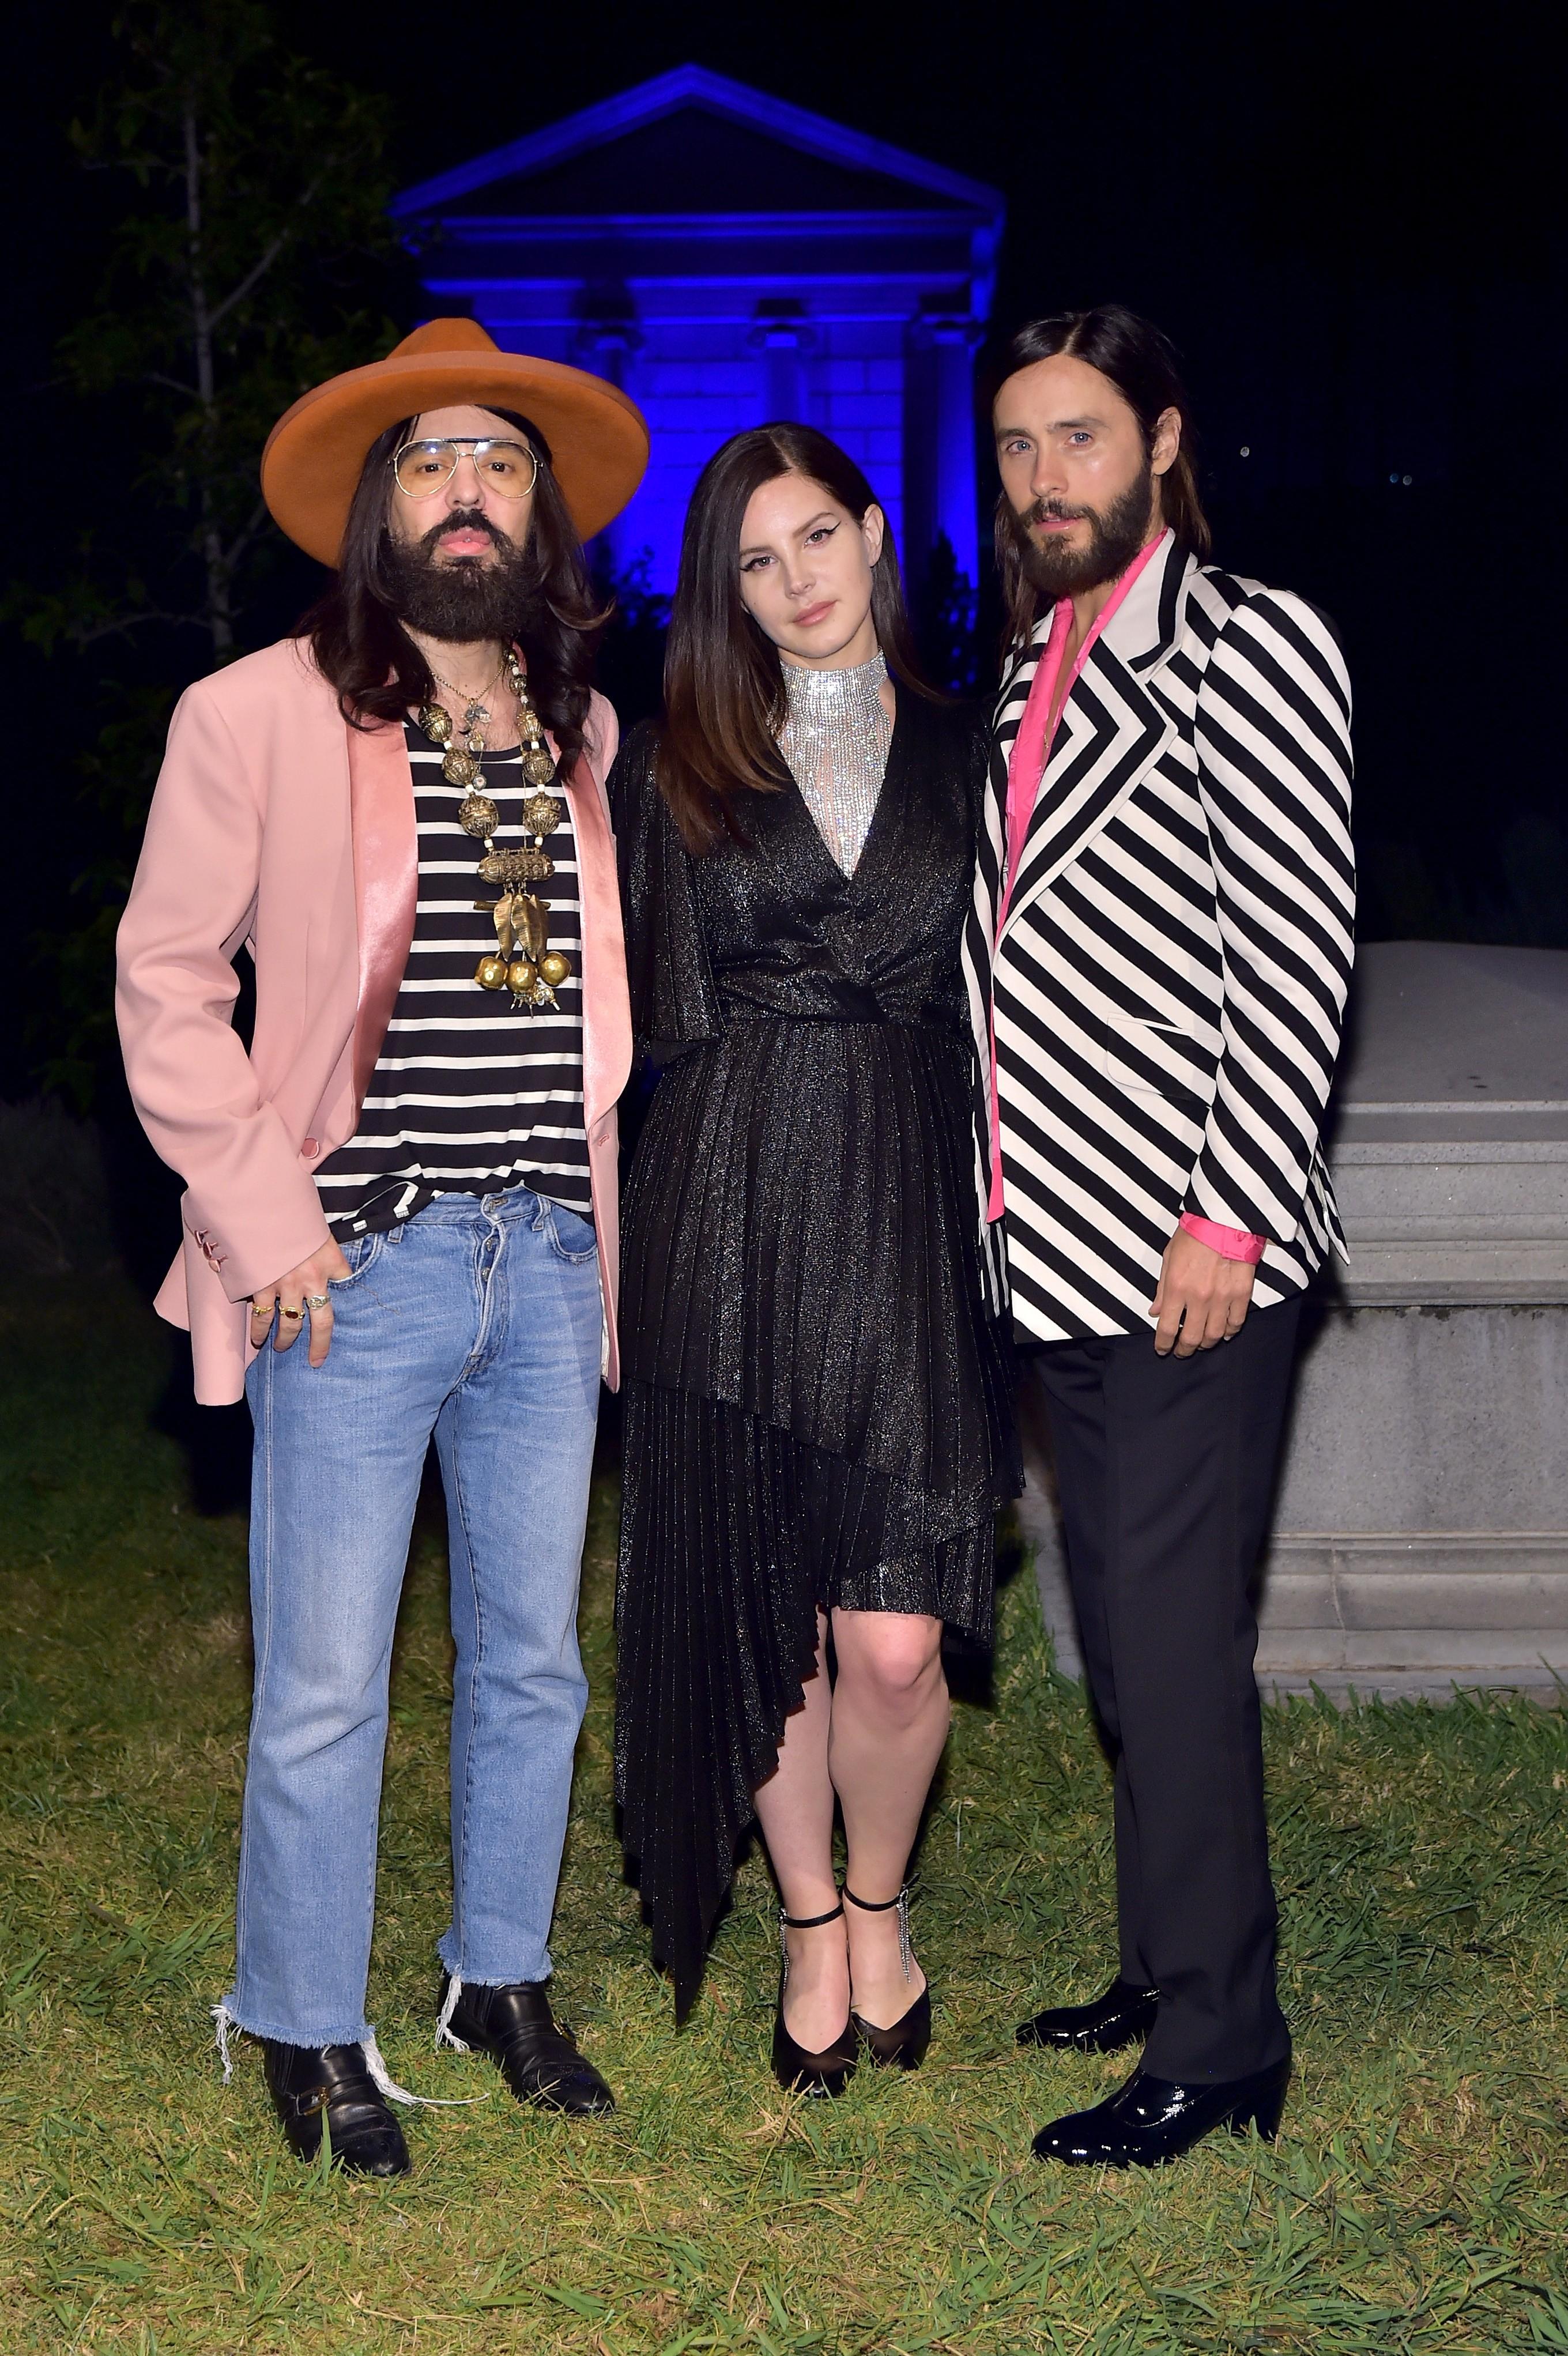 Lana del Rey entre Jared Leto e o diretor criativo da Gucci, Alessandro Michele (Foto: Getty Images)